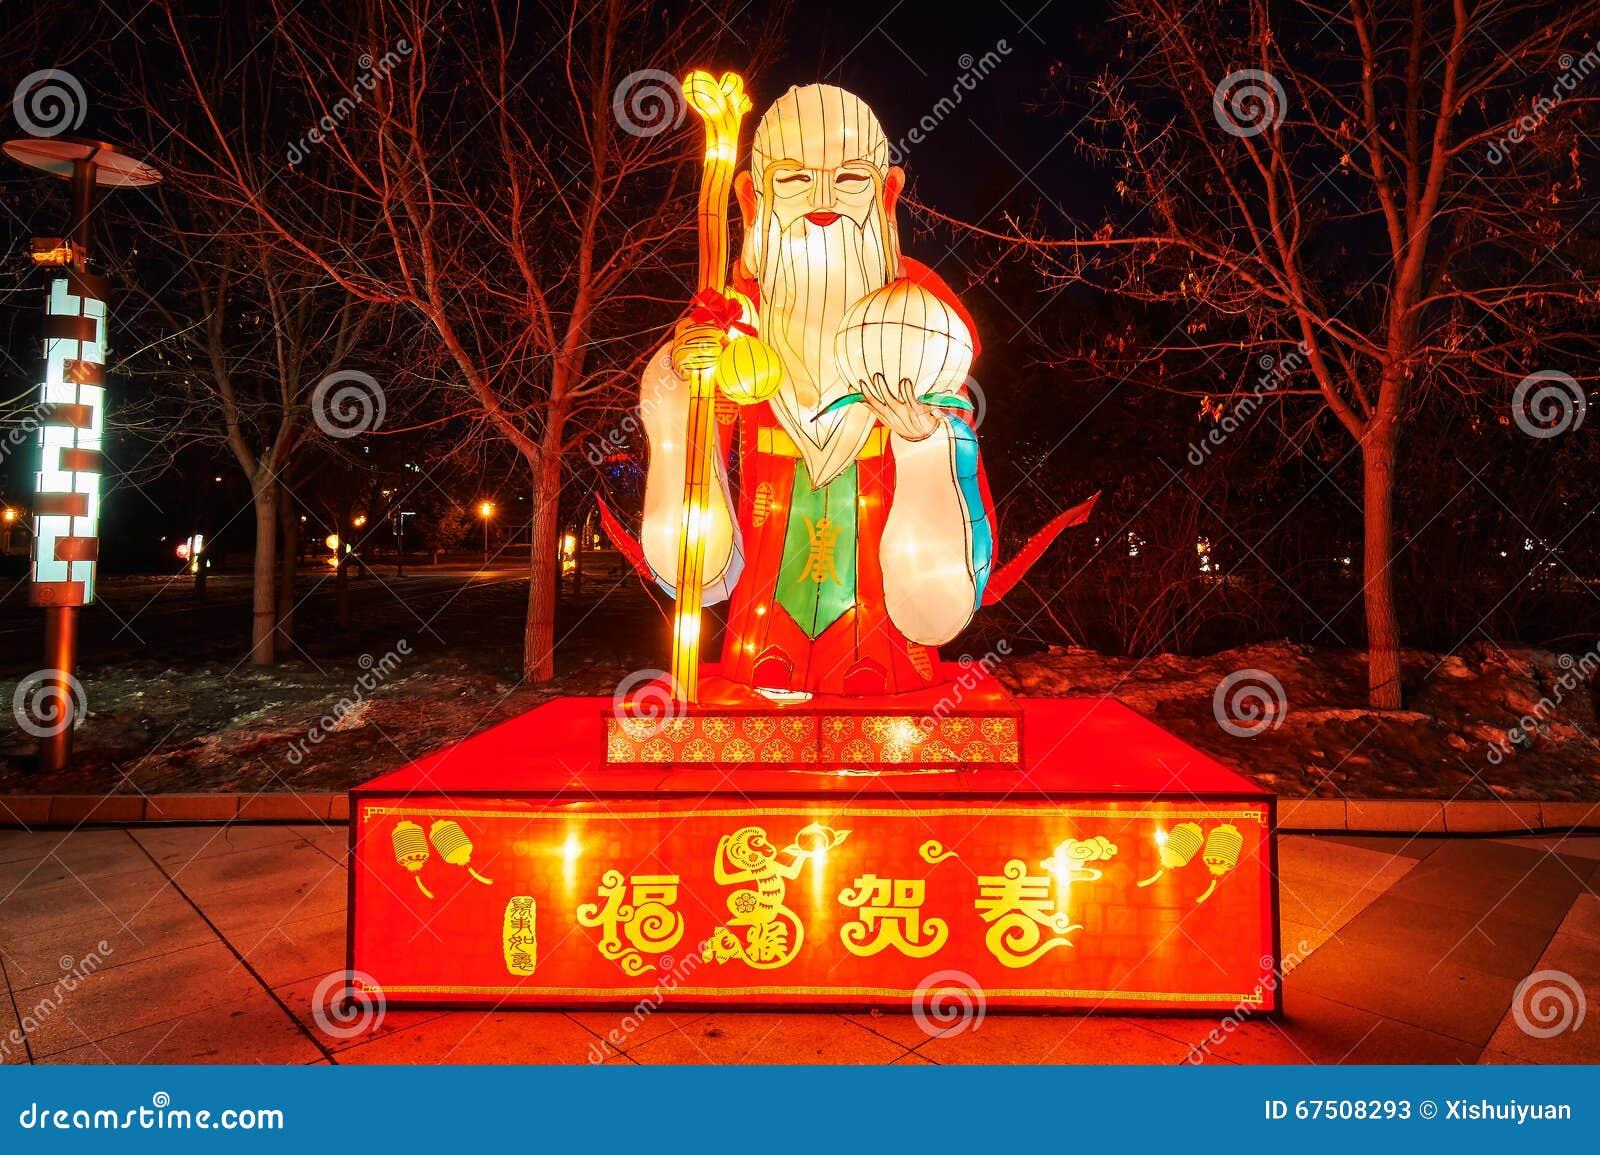 欢乐灯笼-老作为生日礼物被提供的人和桃子 编辑类库存照片